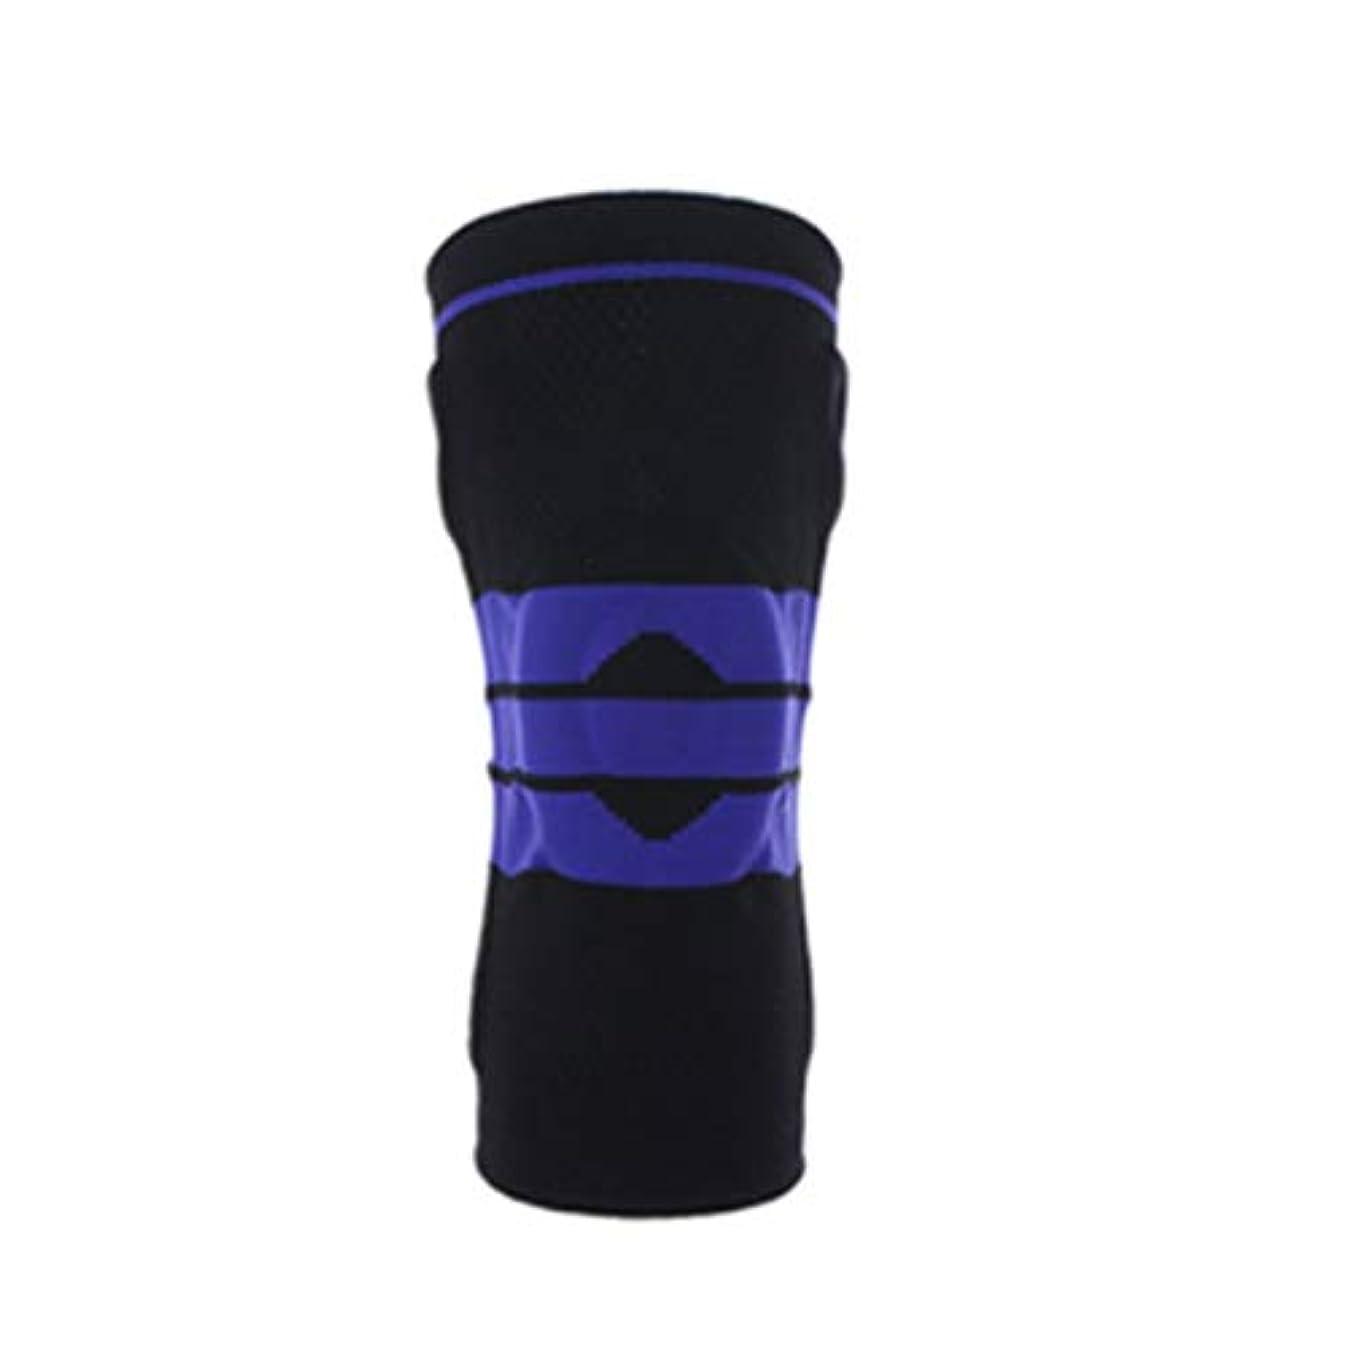 称賛レンジ破壊する男性と女性のスポーツ膝パッドシリコーンスプリングニット膝パッドバスケットボール-Rustle666